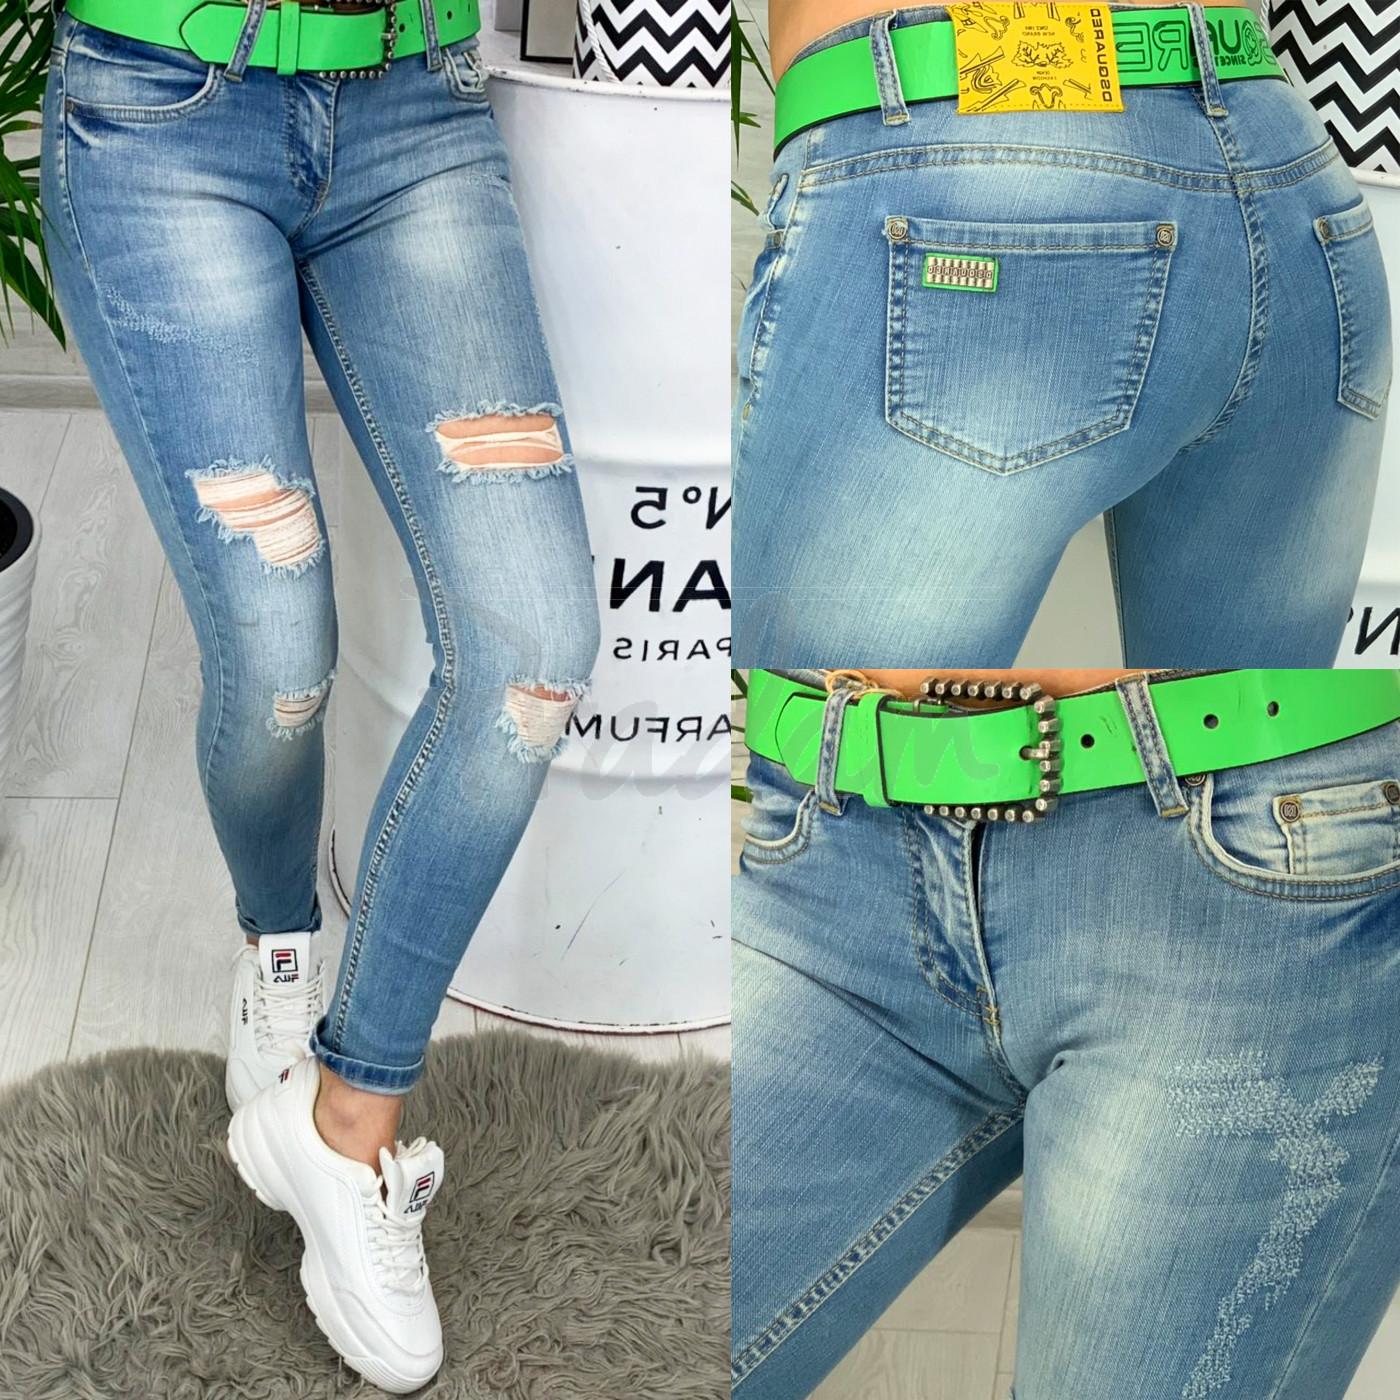 0607 Dsquared стильные женские джинсы с рванкой весенние стрейчевые (26-30, 4 ед.)